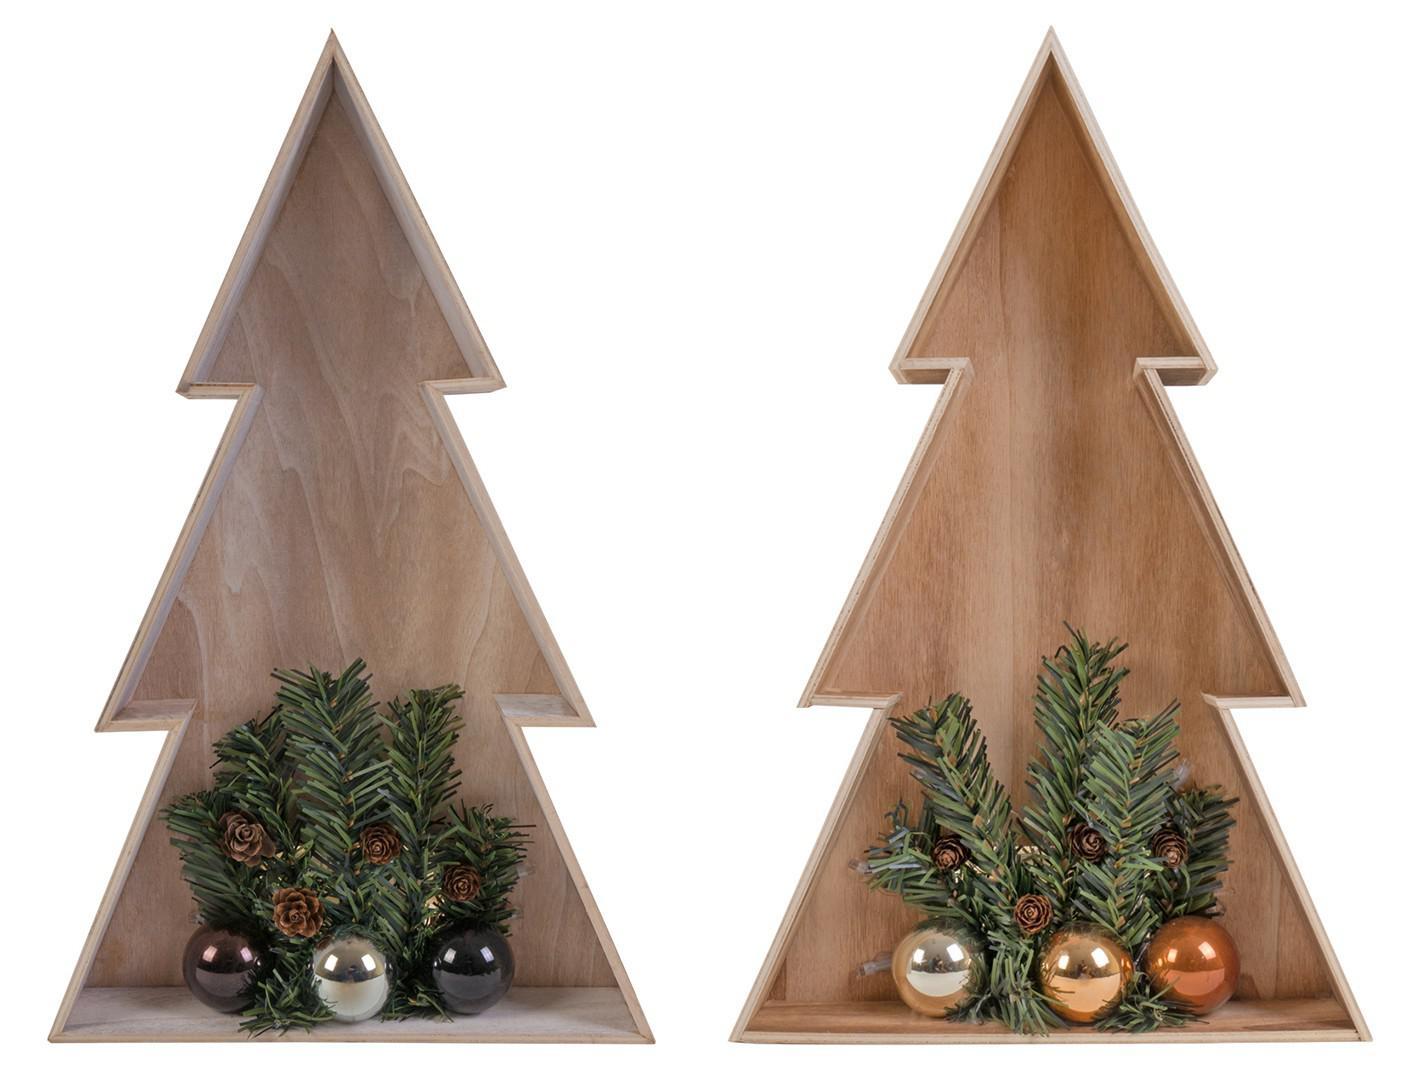 3d led holz weihnachtsbaum 38cm weihnachtsdeko fensterbild wanddeko beleuchtung kaufen bei www. Black Bedroom Furniture Sets. Home Design Ideas